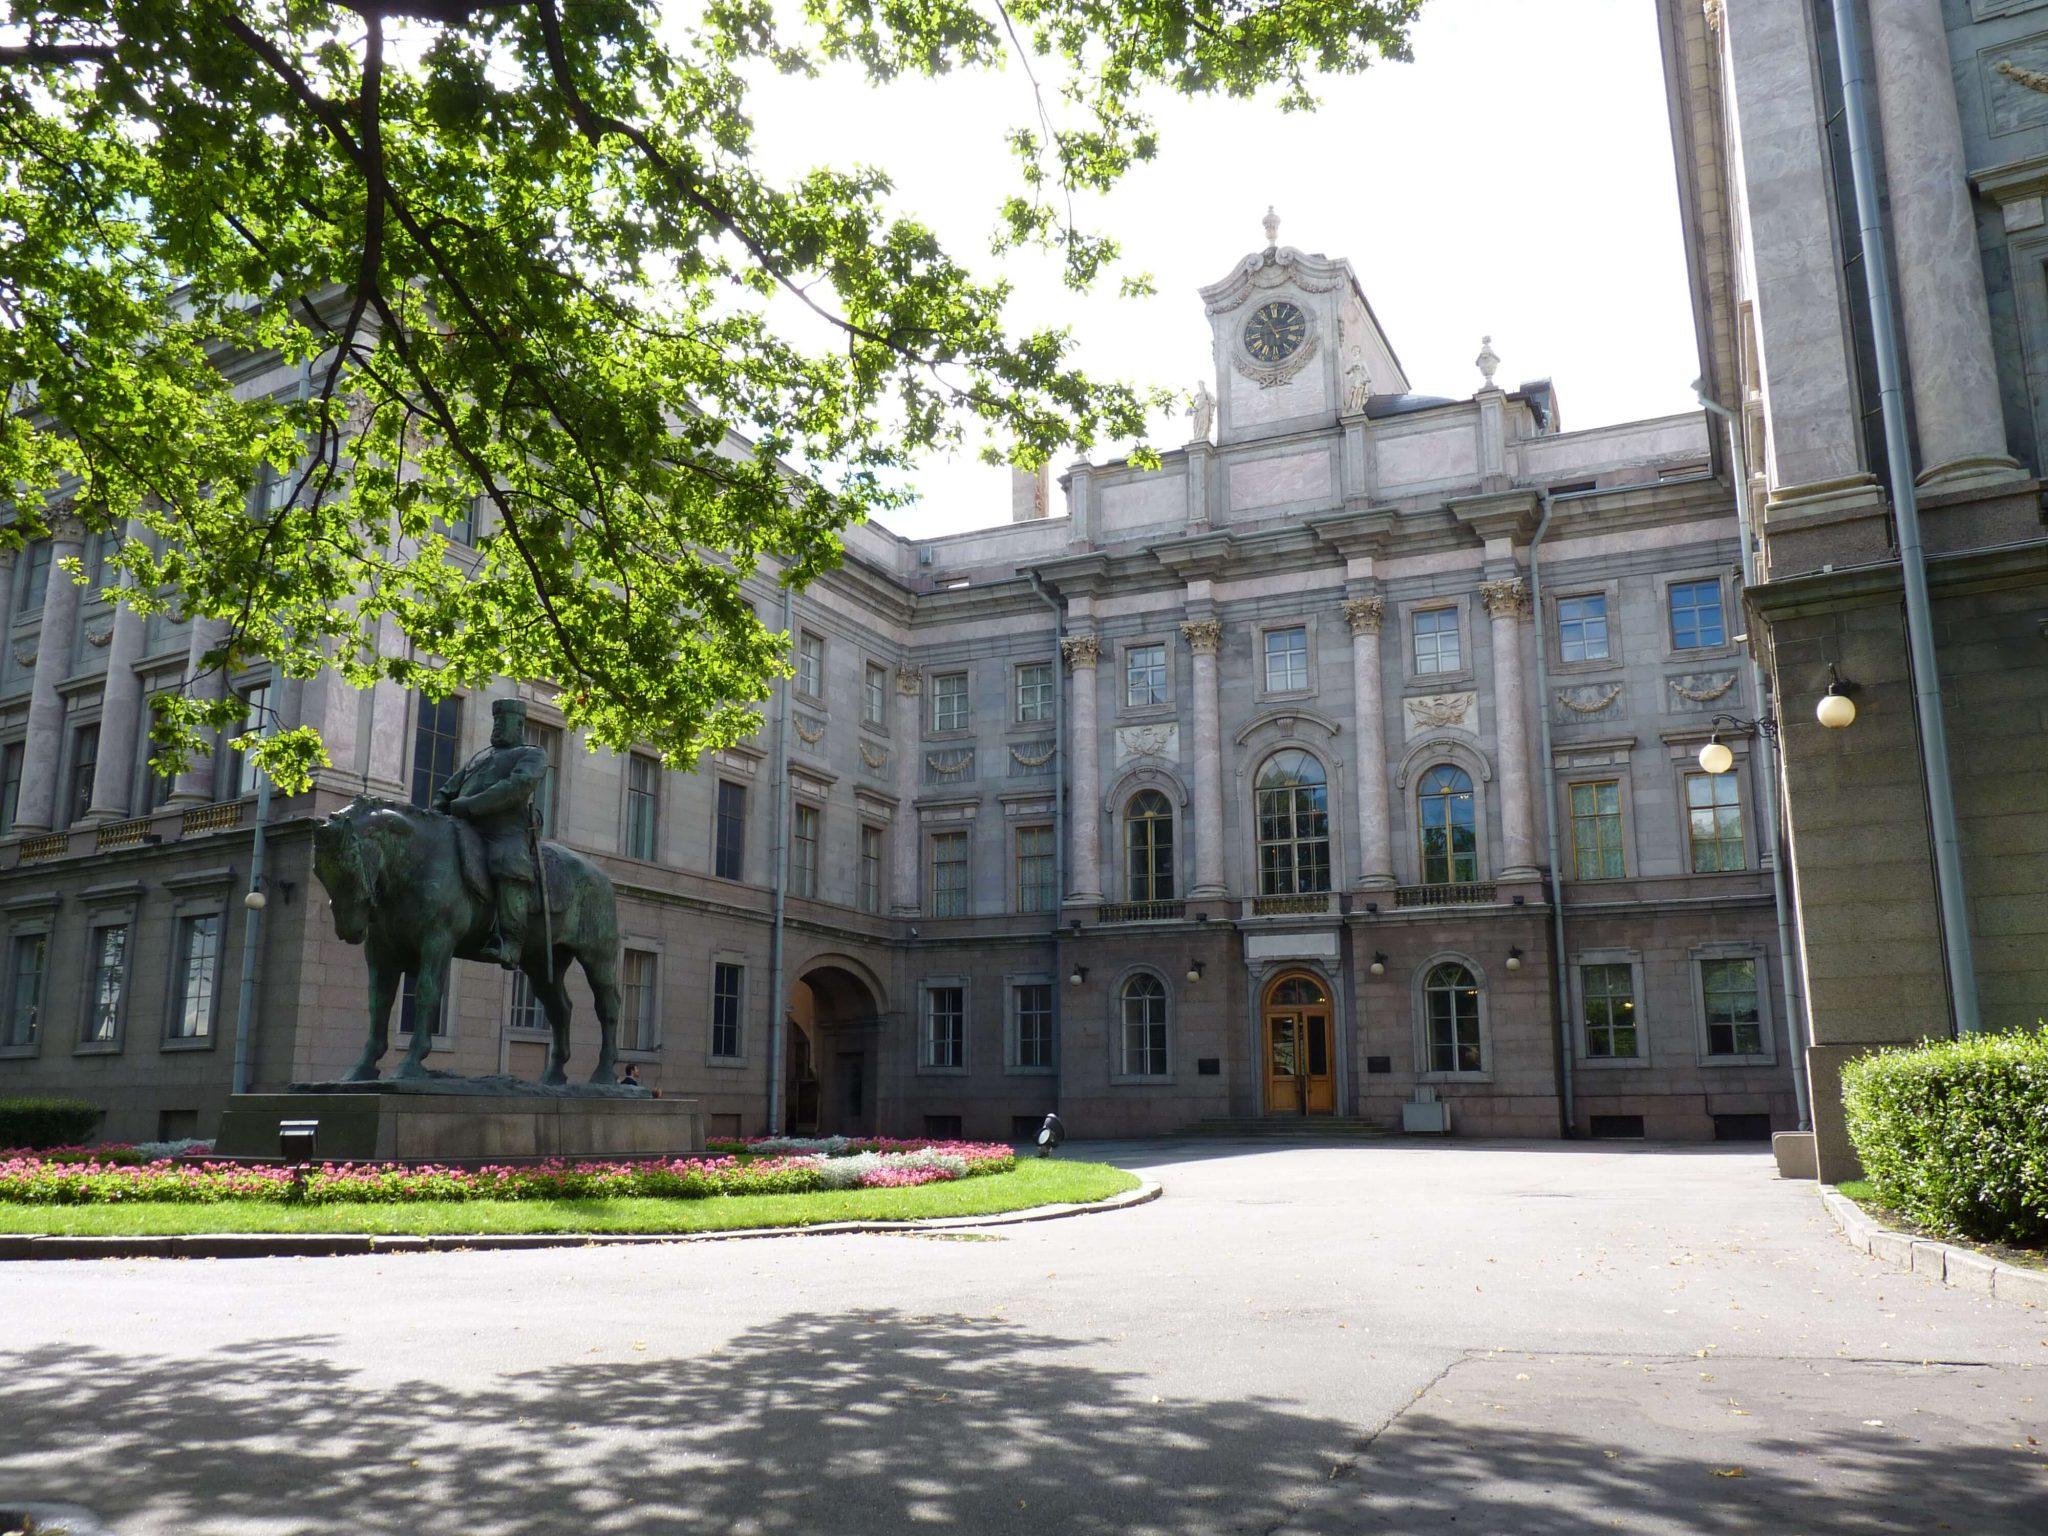 Palácio de Mármore exterior São Petersburgo Rússia Mundo Indefinido